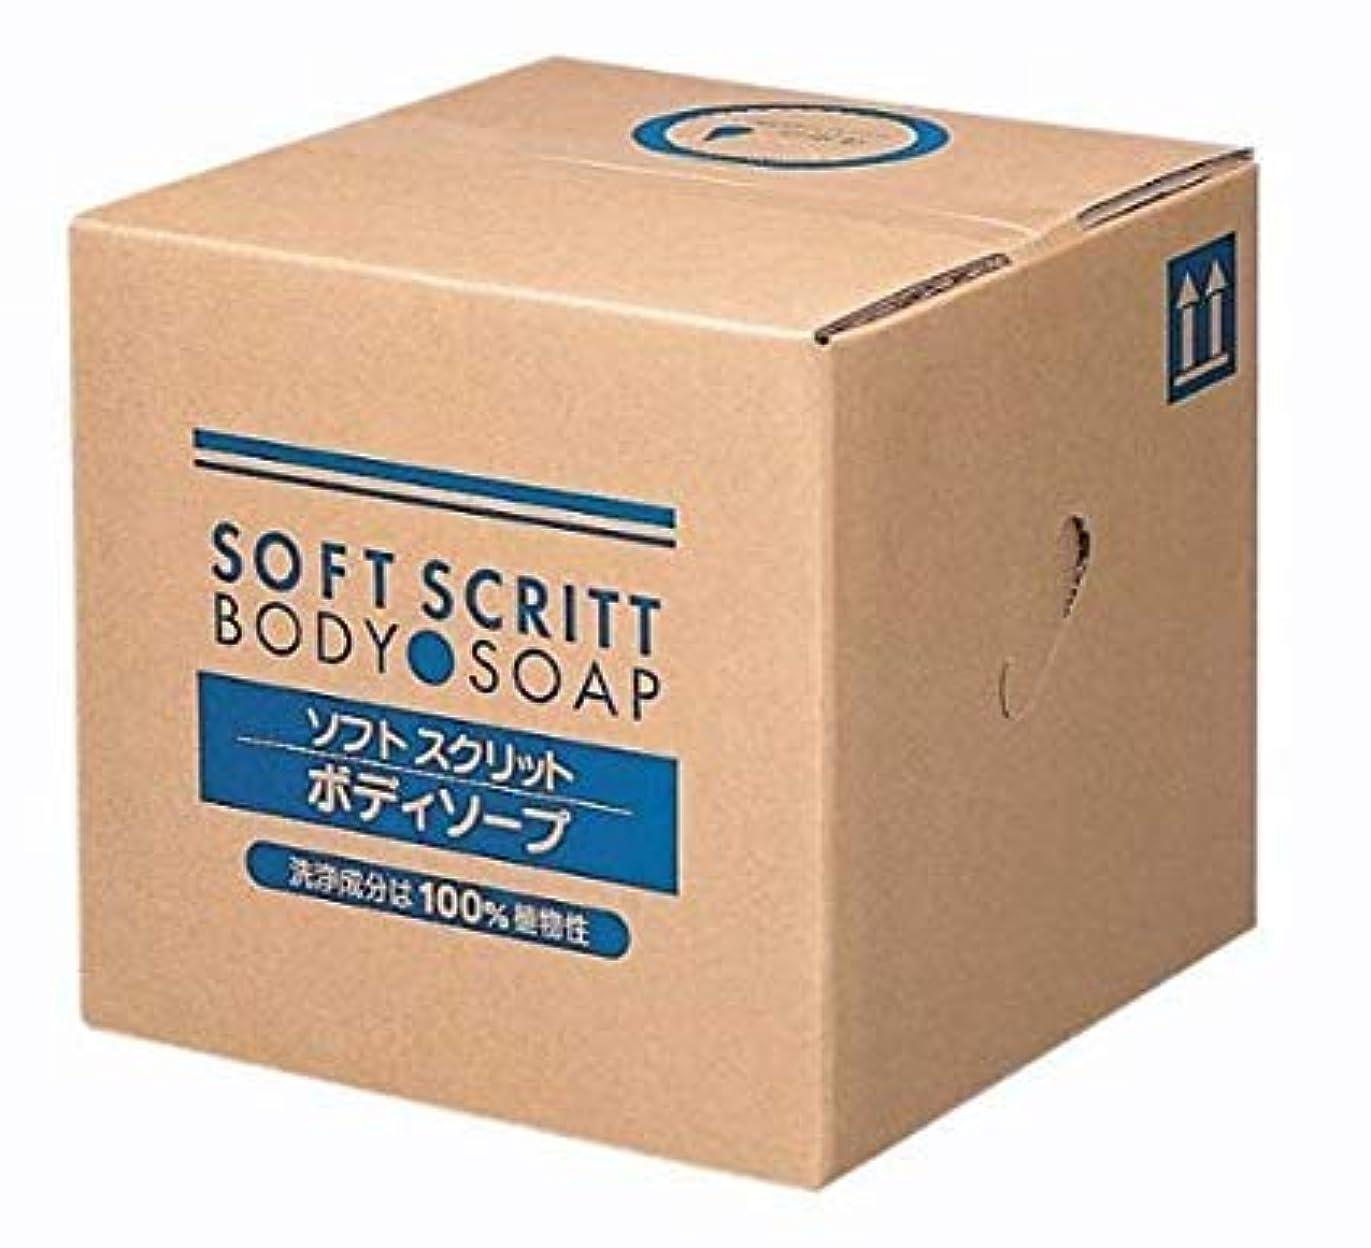 勉強するかなり不道徳SOFT SCRITT(ソフトスクリット) ボディソープ 詰替用 18L 4353 (熊野油脂) (清拭小物)